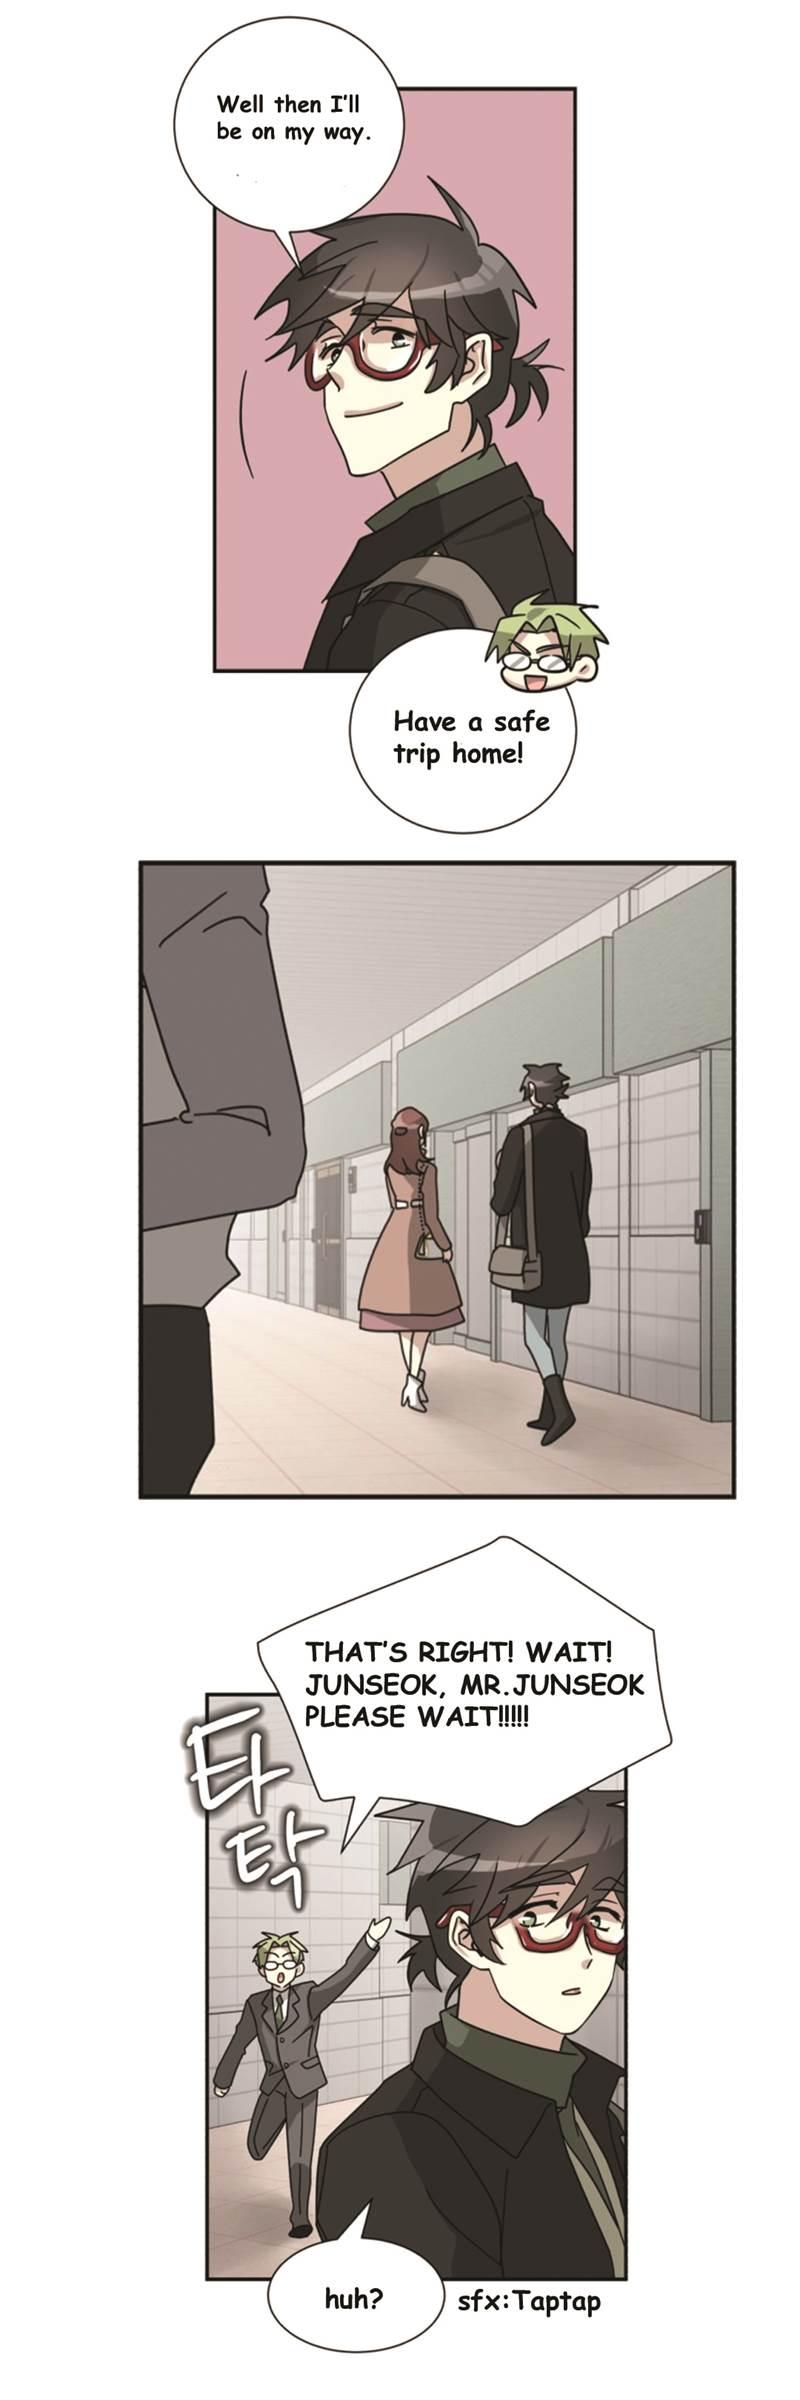 The Next Door Neighbor - Chapter 11